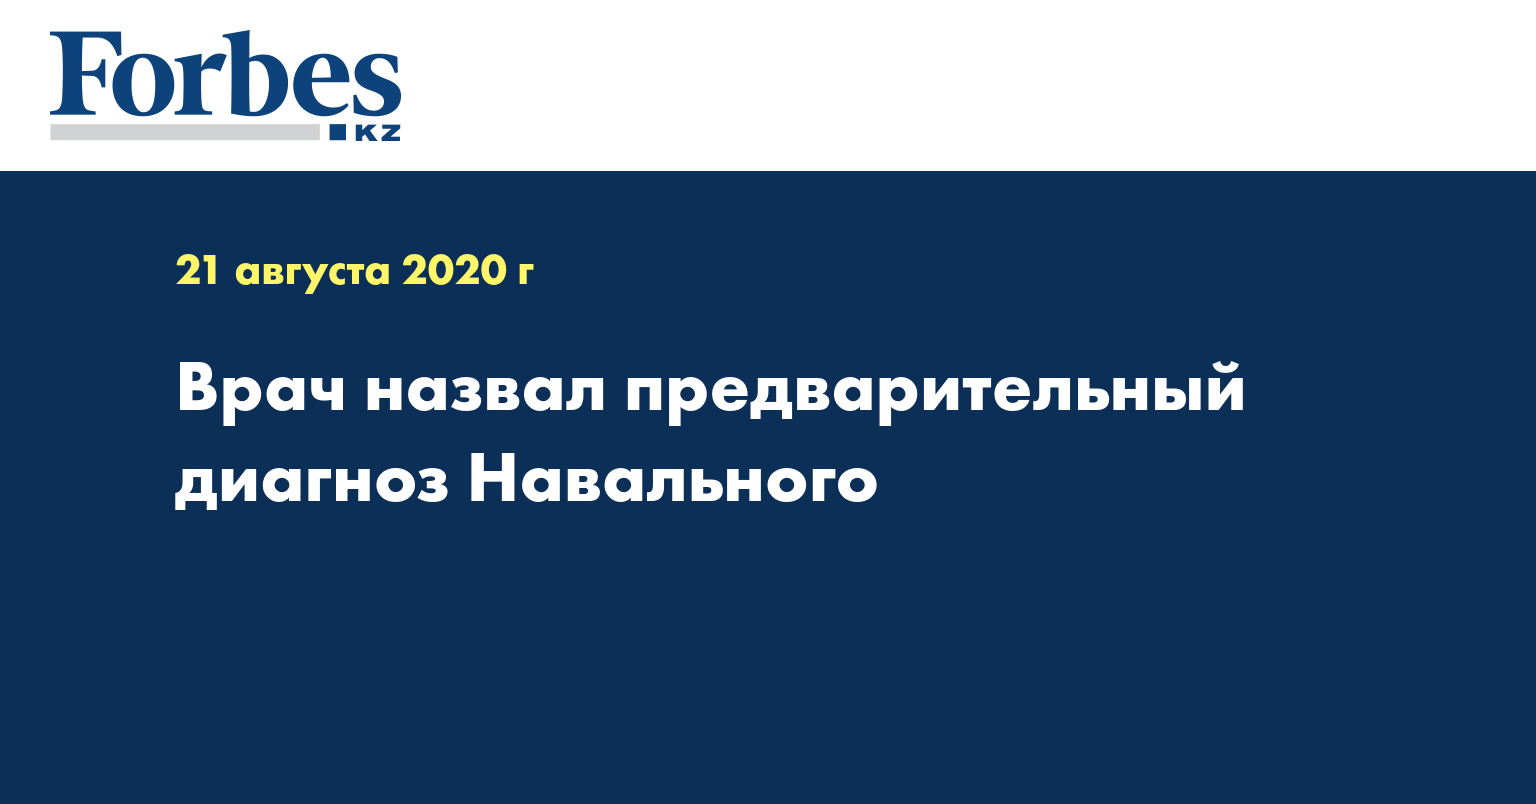 Врач назвал предварительный диагноз Навального